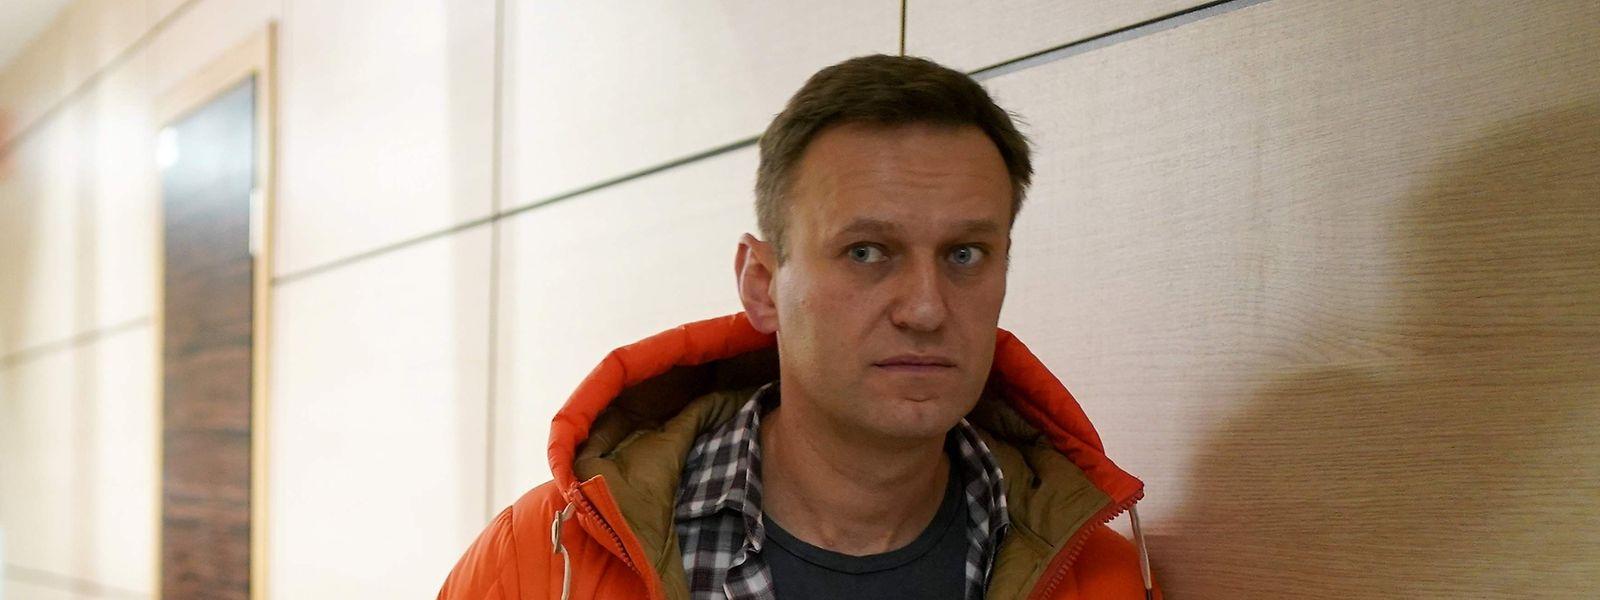 Der Oppositionelle Alexei Nawalny könnte von seiner angeblichen Geliebten vergiftet worden sein. Das spekulieren kremlnahe, russische Medien.